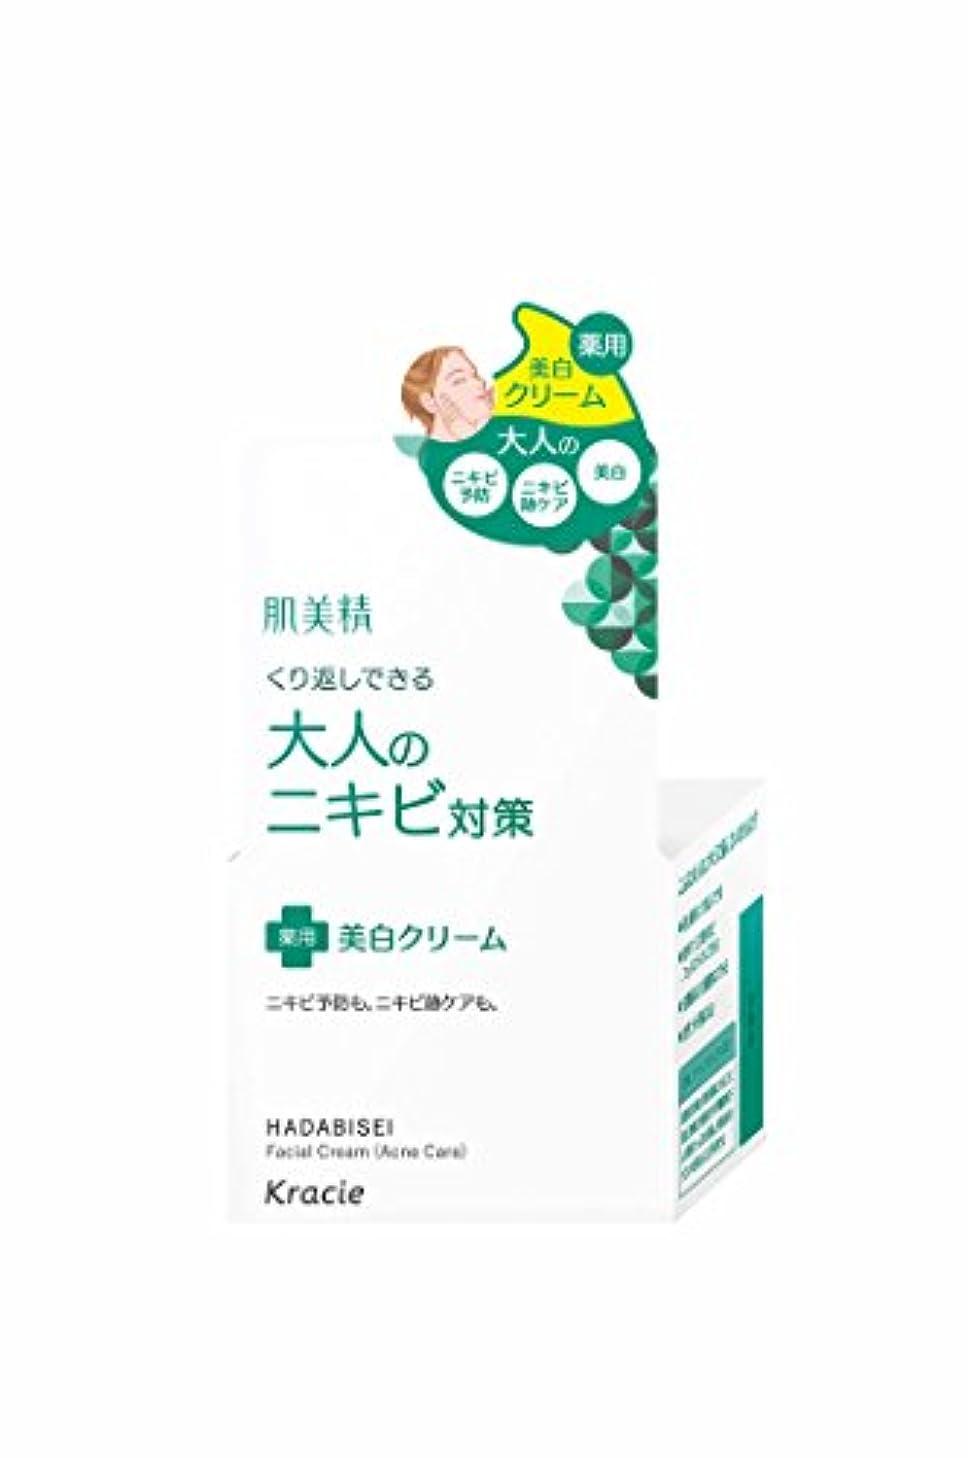 アンティーク朝ごはんコイル肌美精 大人のニキビ対策 薬用美白クリーム 50g (医薬部外品)